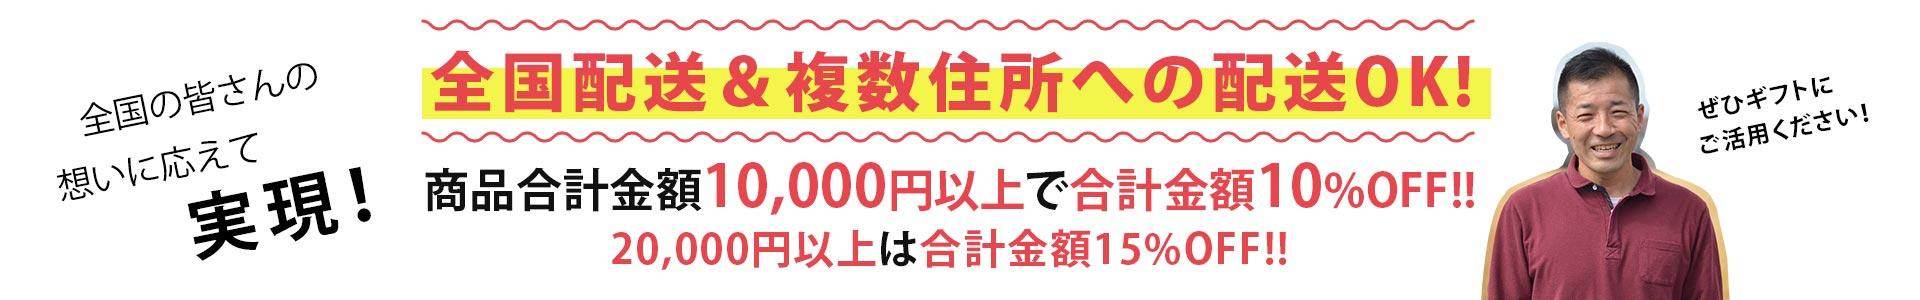 たけしたファームは全国配送OK!贈り先一箇所につき10,000円以上で全国送料無料!!